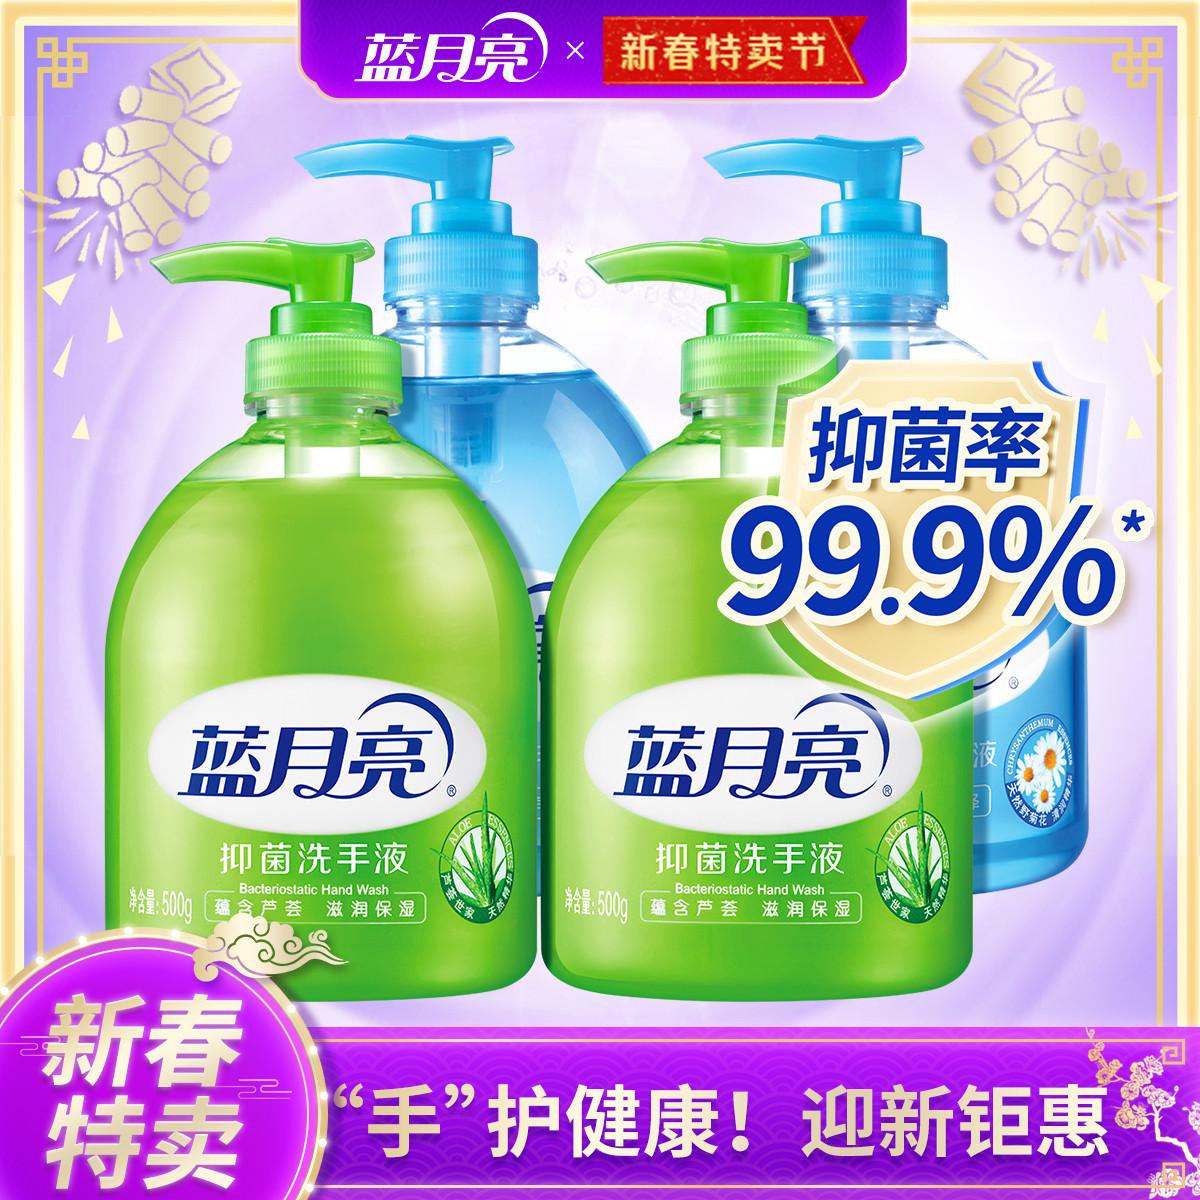 【已爆卖6万+套】定制抑菌洗手液500g*4瓶双效装宝宝儿童适用